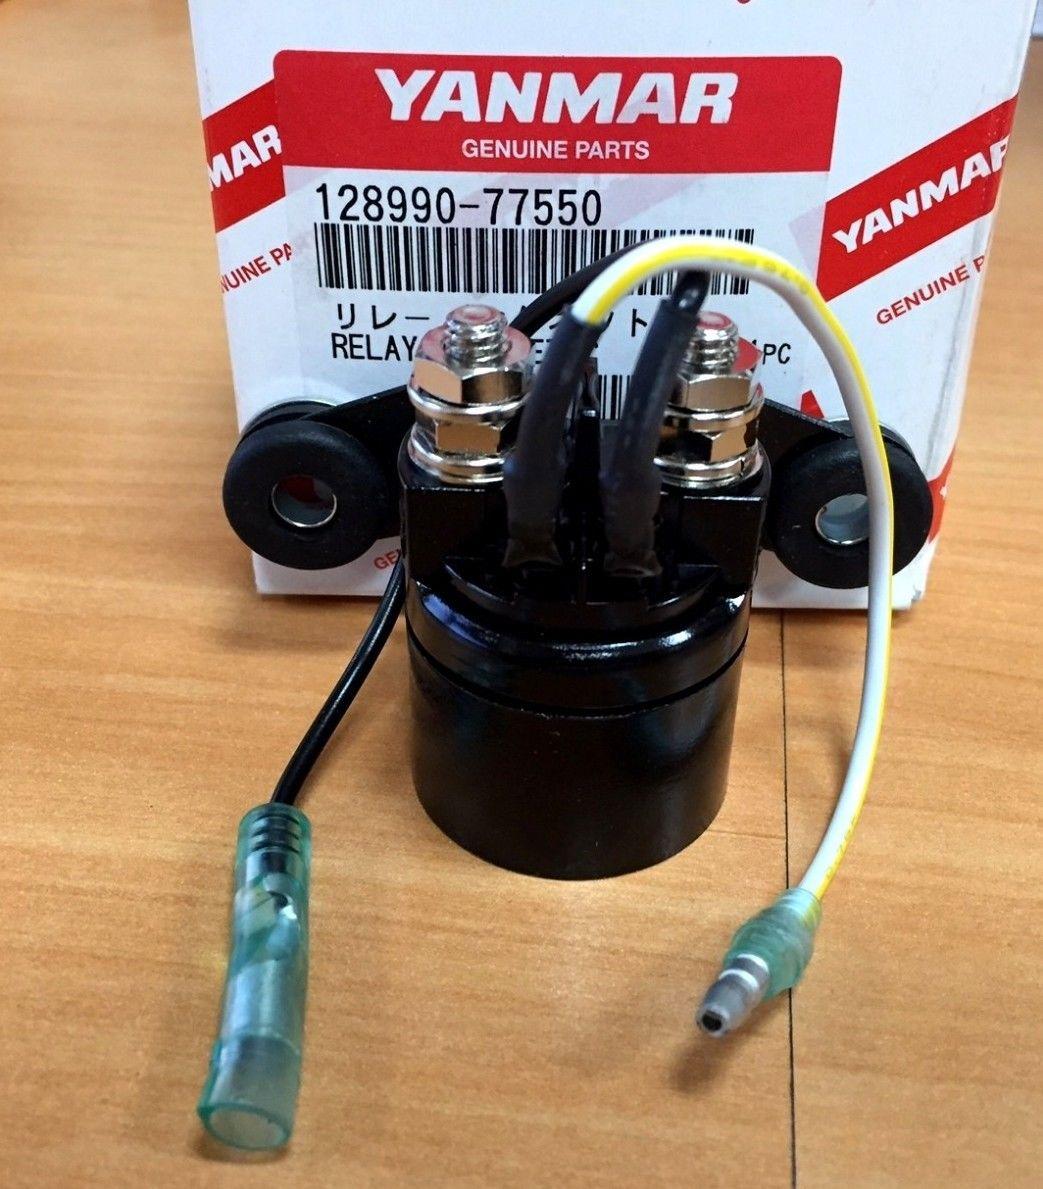 Yanmar Genuine 12v Starter Magnetic Relay 128990